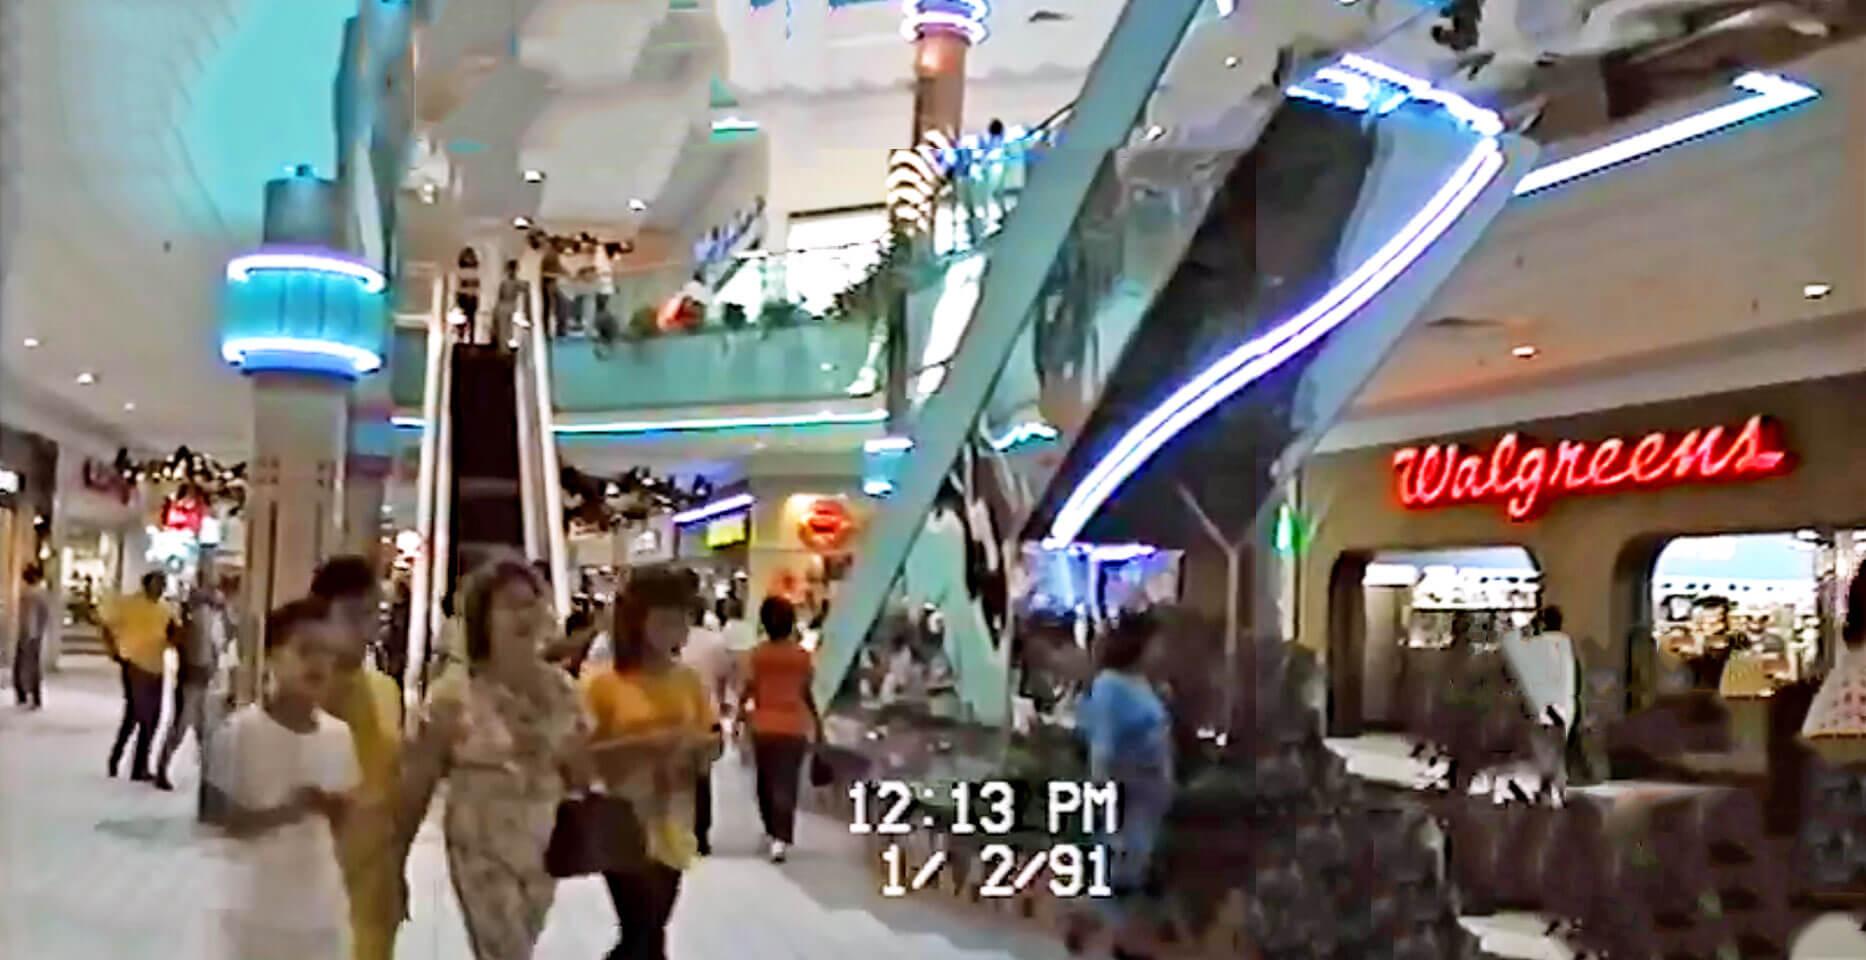 Foto vieja de Walgreens dentro de Plaza Carolina en el 1991, Carolina, Puerto Rico.